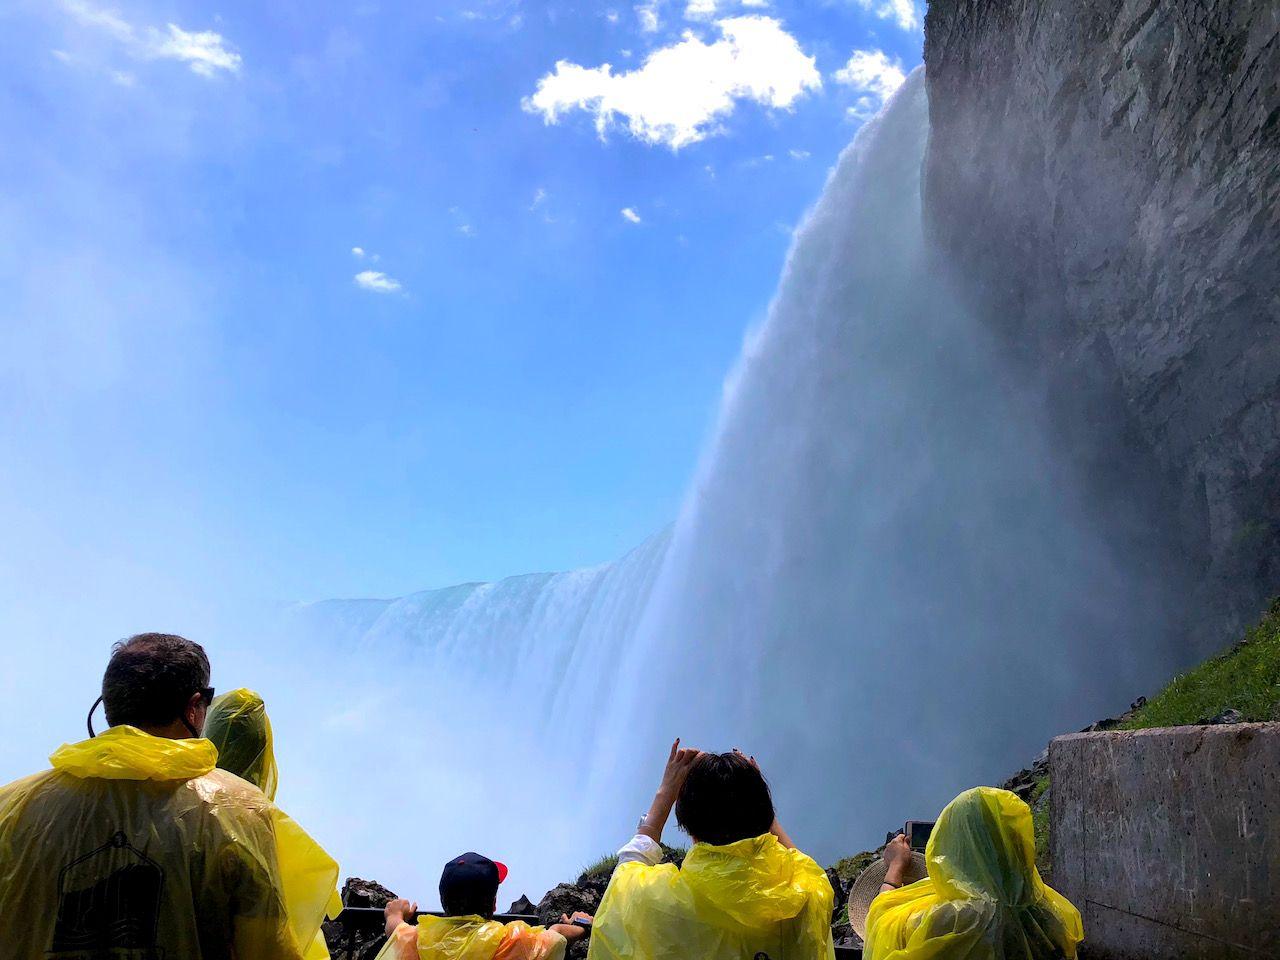 ナイアガラの定番!滝壺クルーズで轟く水の洗礼を受ける